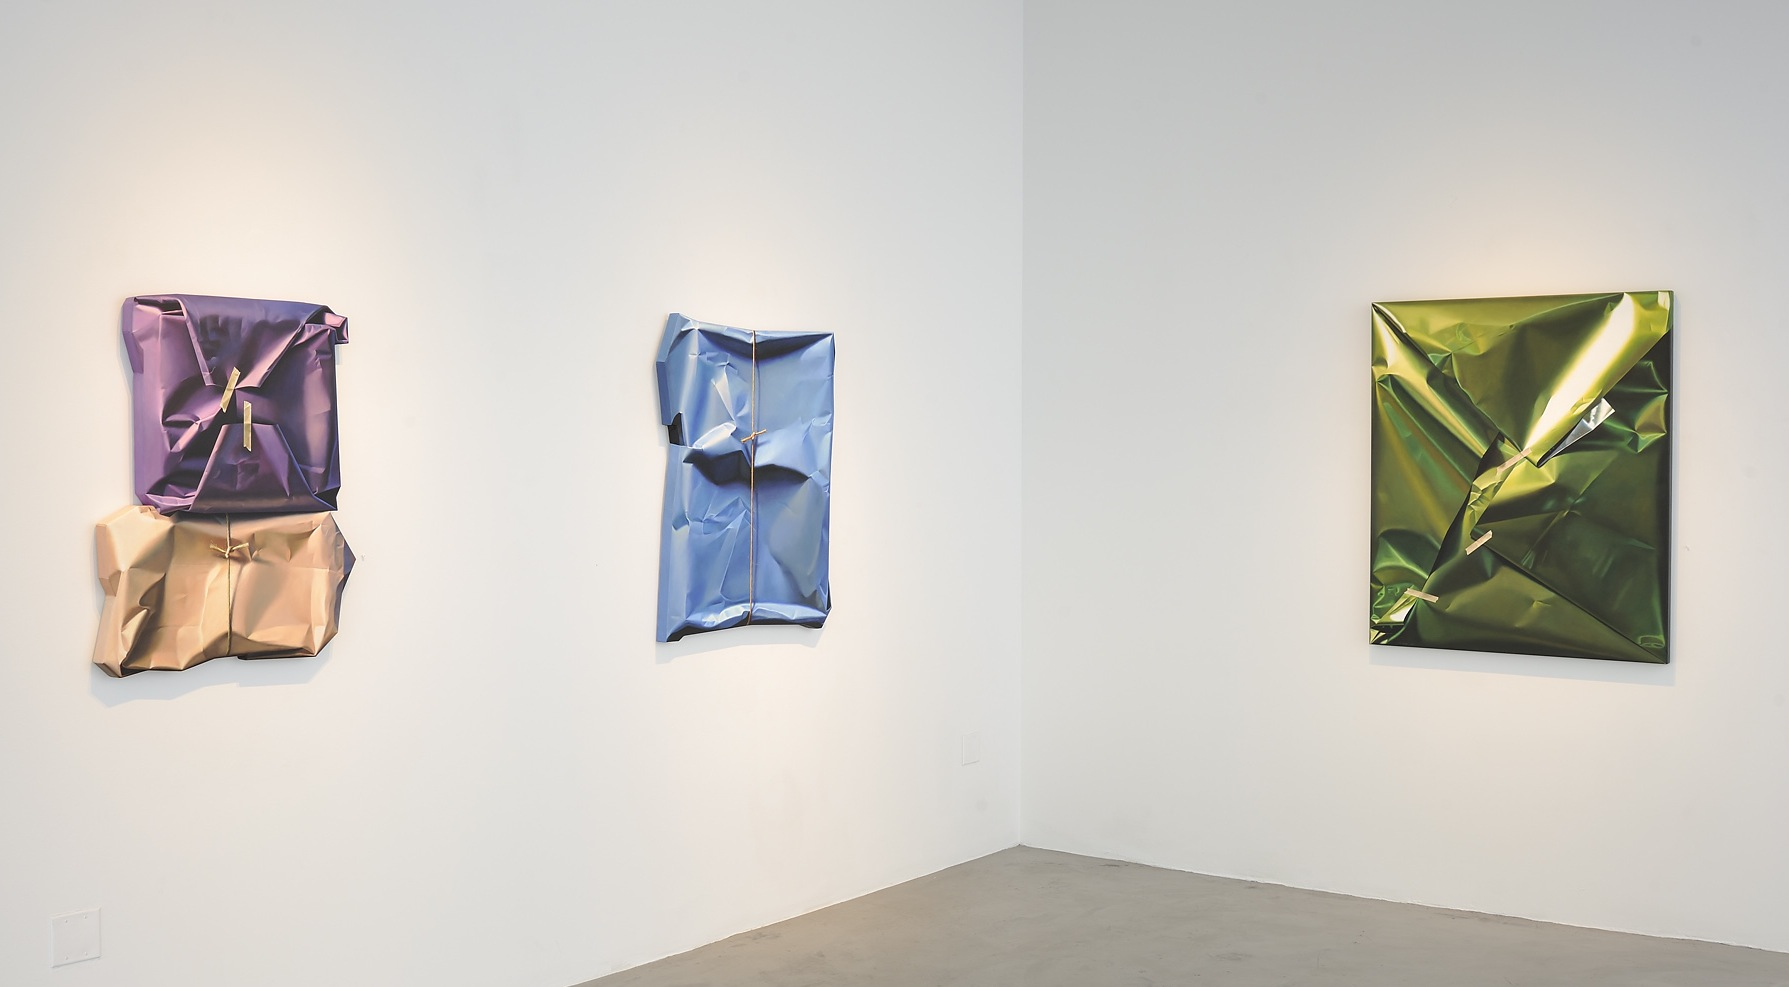 Cuadros de Yrjo Edelmann en exposición en la galería Scott Richards Contemporary Art de San Francisco